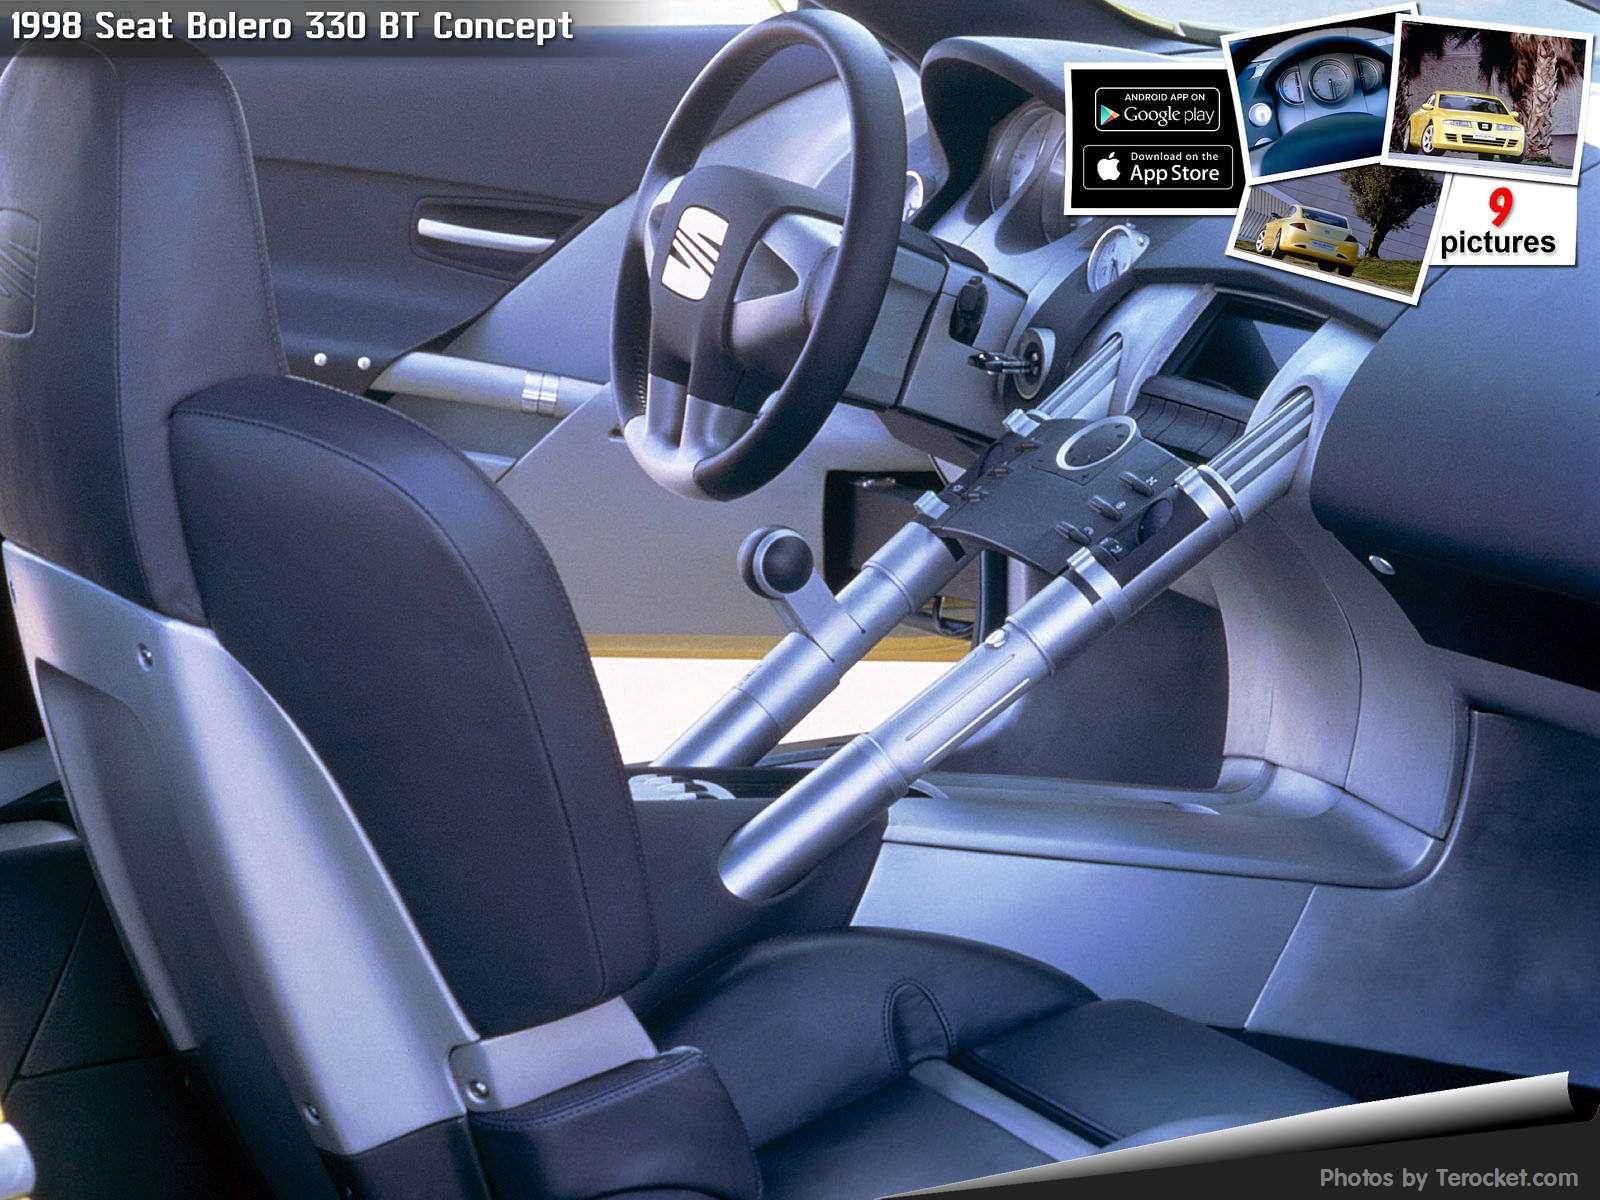 Hình ảnh xe ô tô Seat Bolero 330 BT Concept 1998 & nội ngoại thất